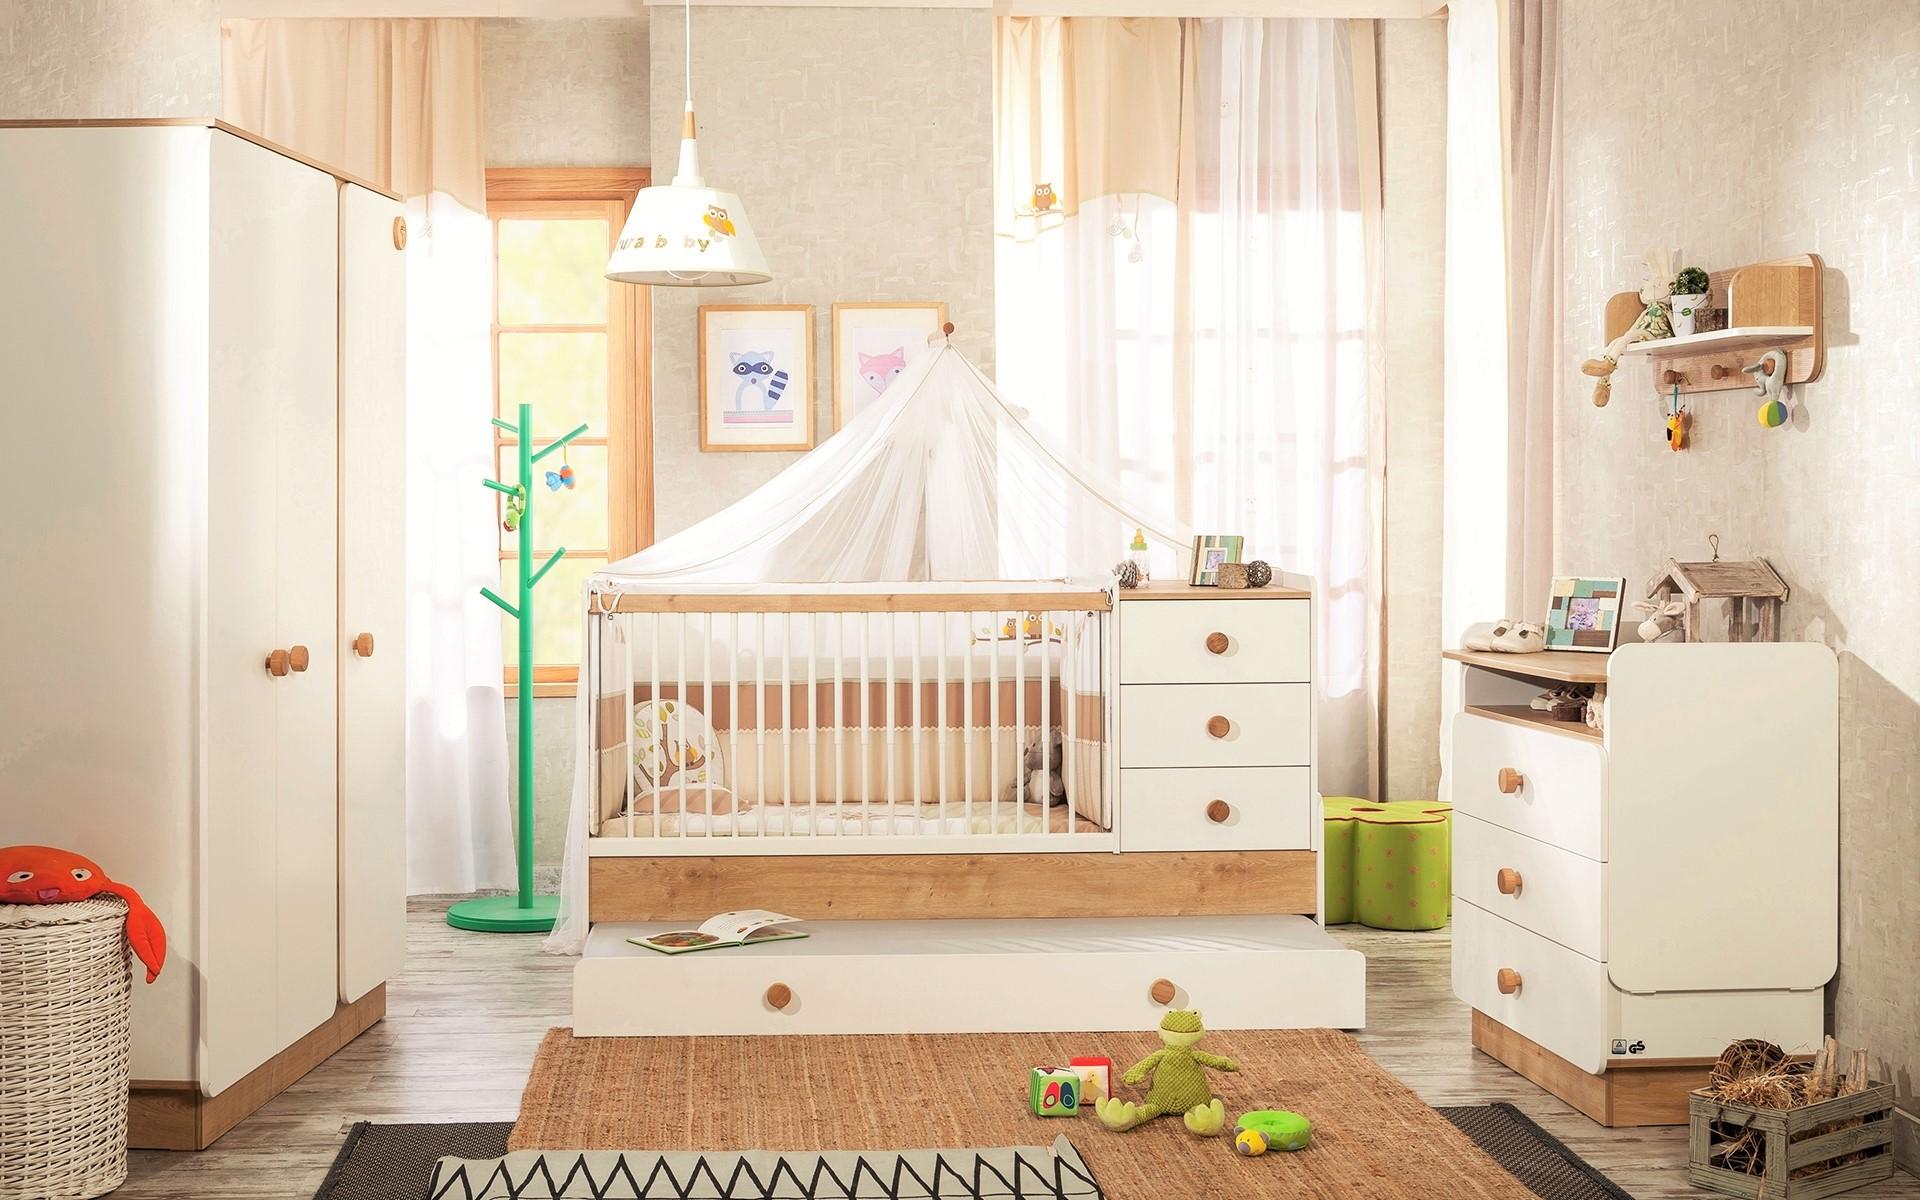 Kamer idee baby indeling - Roze kleine kamer ...